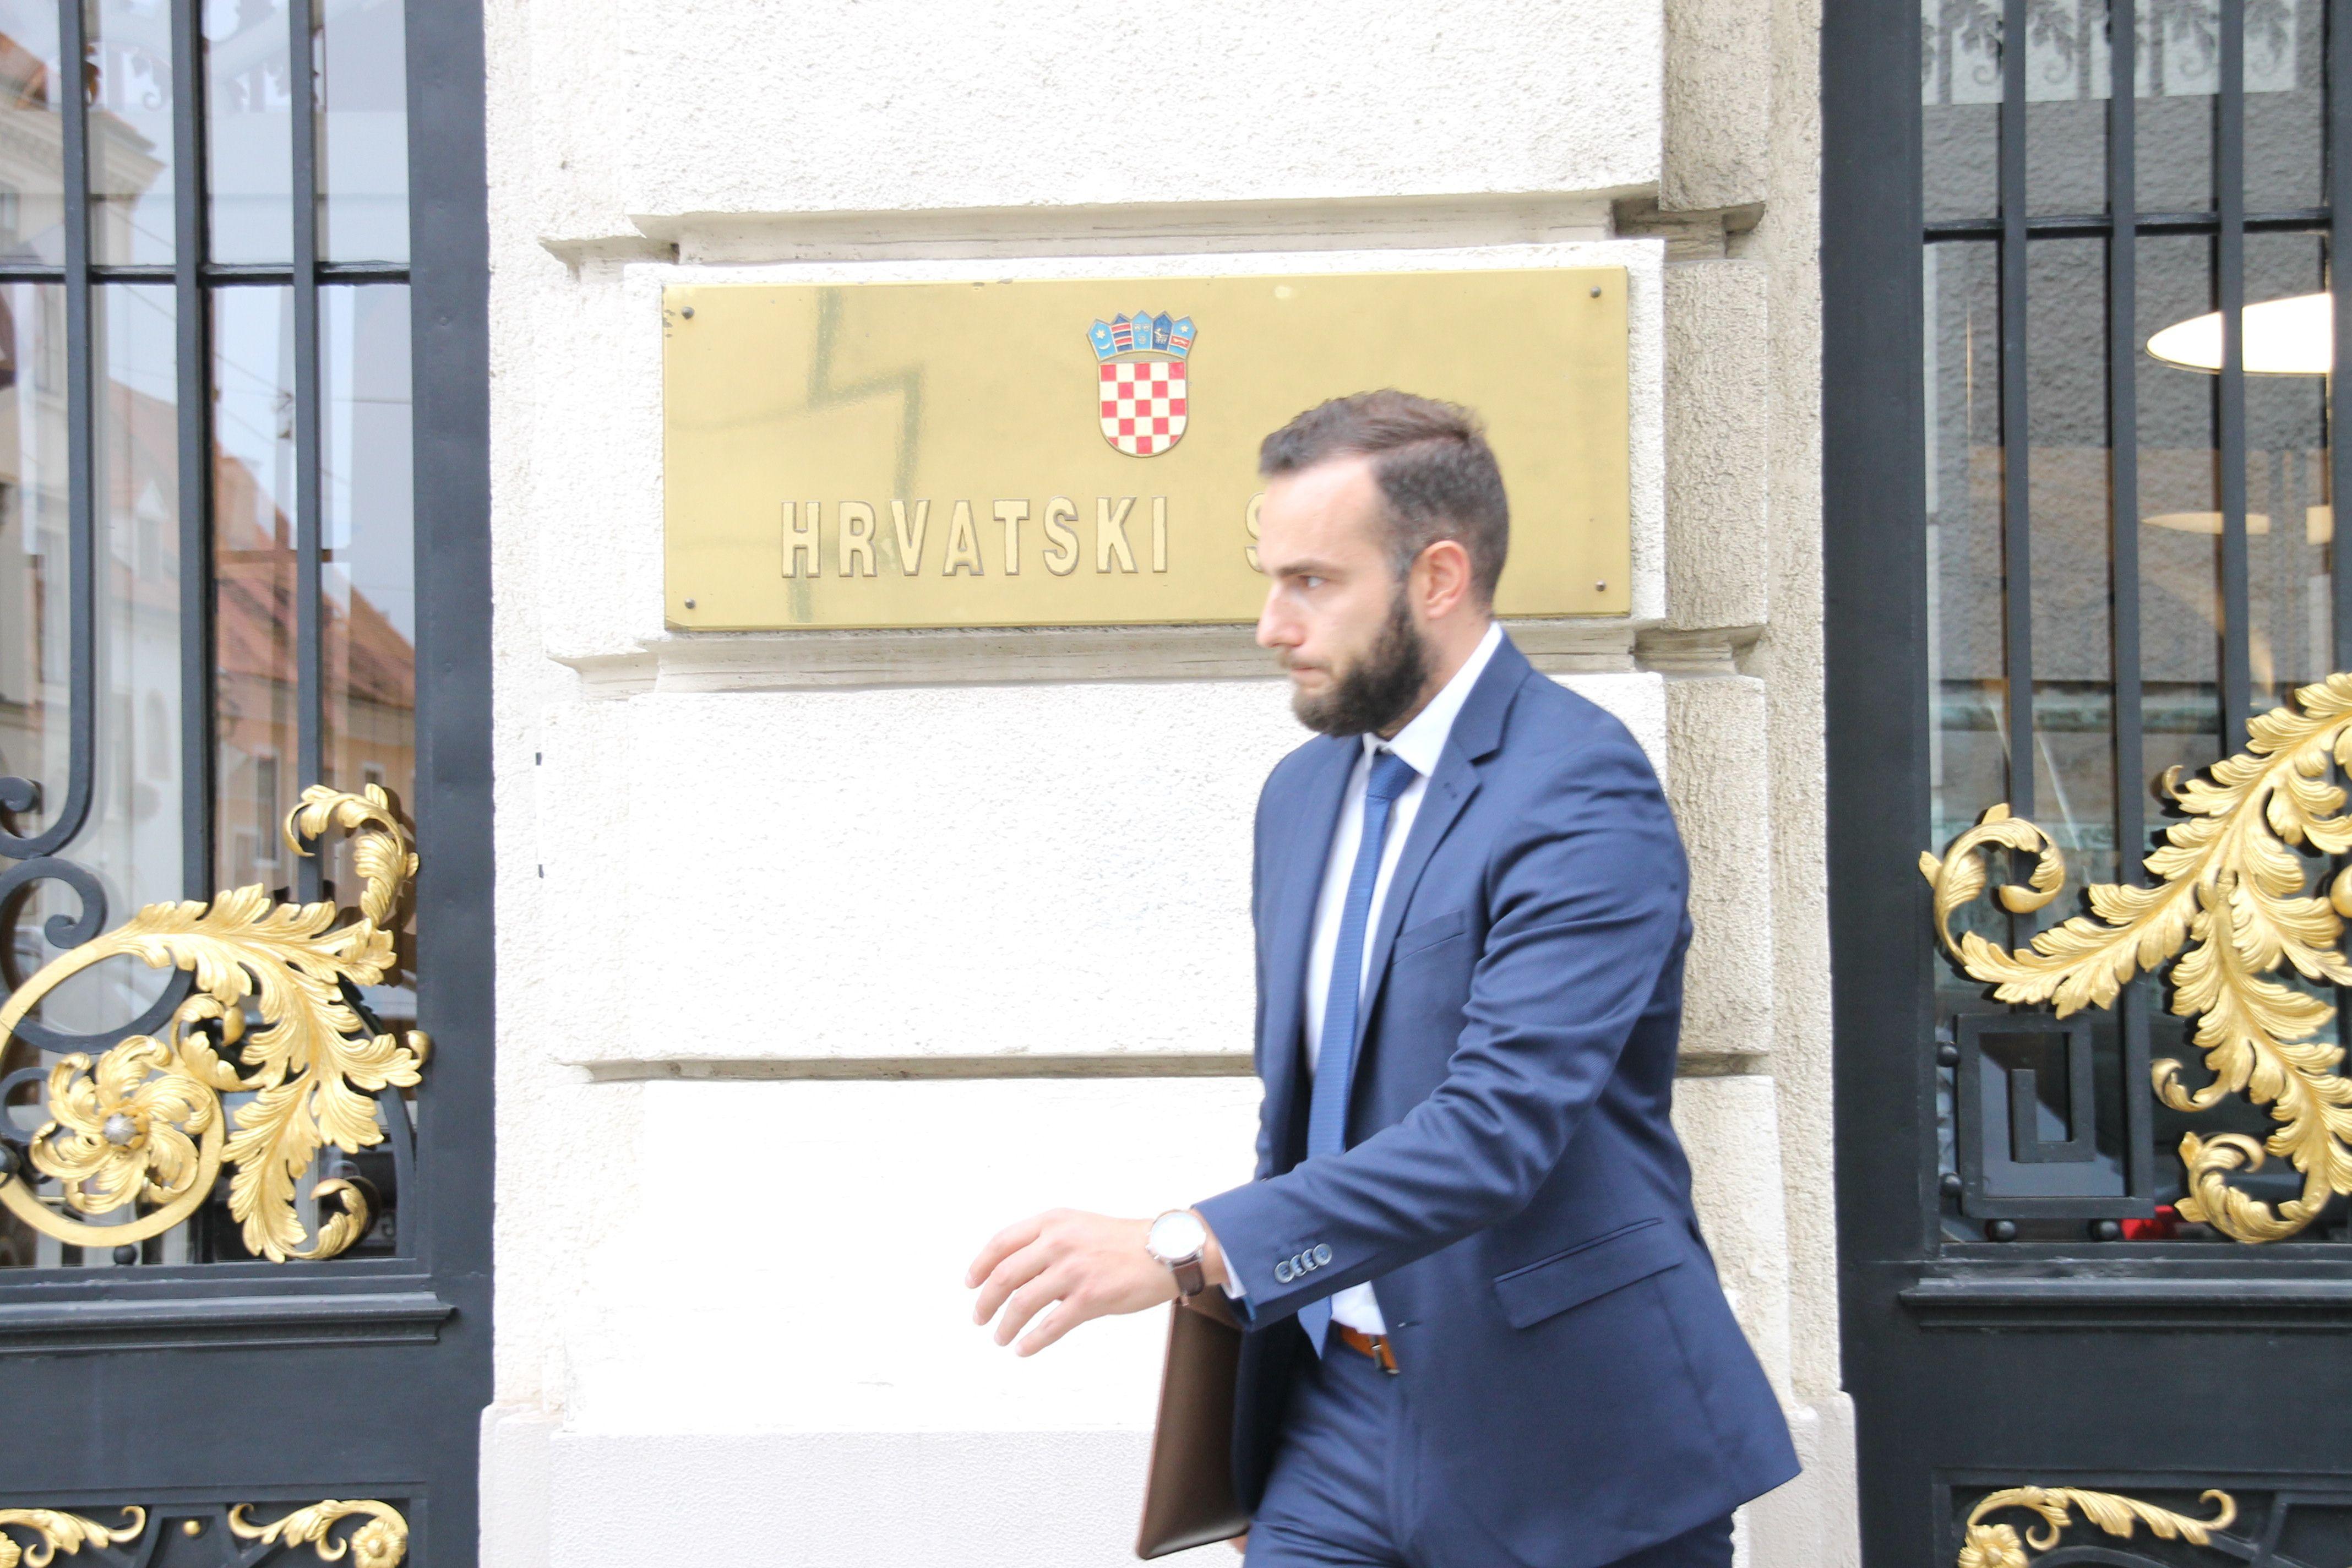 Aladrović: Vlada prihvatila volju više od 700.000 građana, Mirovinski sustav može ostati održiv i adekvatan